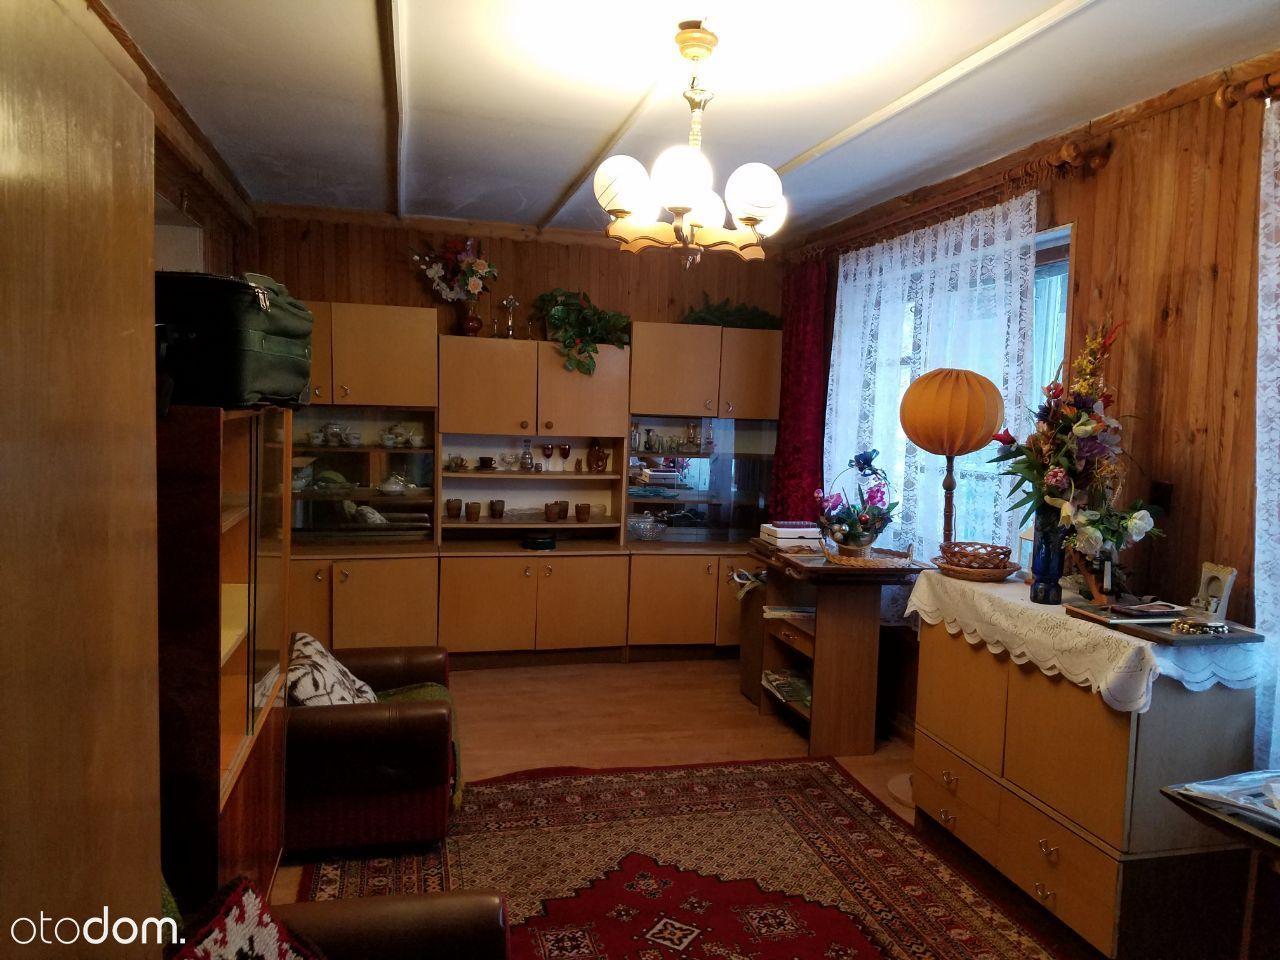 Dom na sprzedaż, Sędziszów Małopolski, ropczycko-sędziszowski, podkarpackie - Foto 10